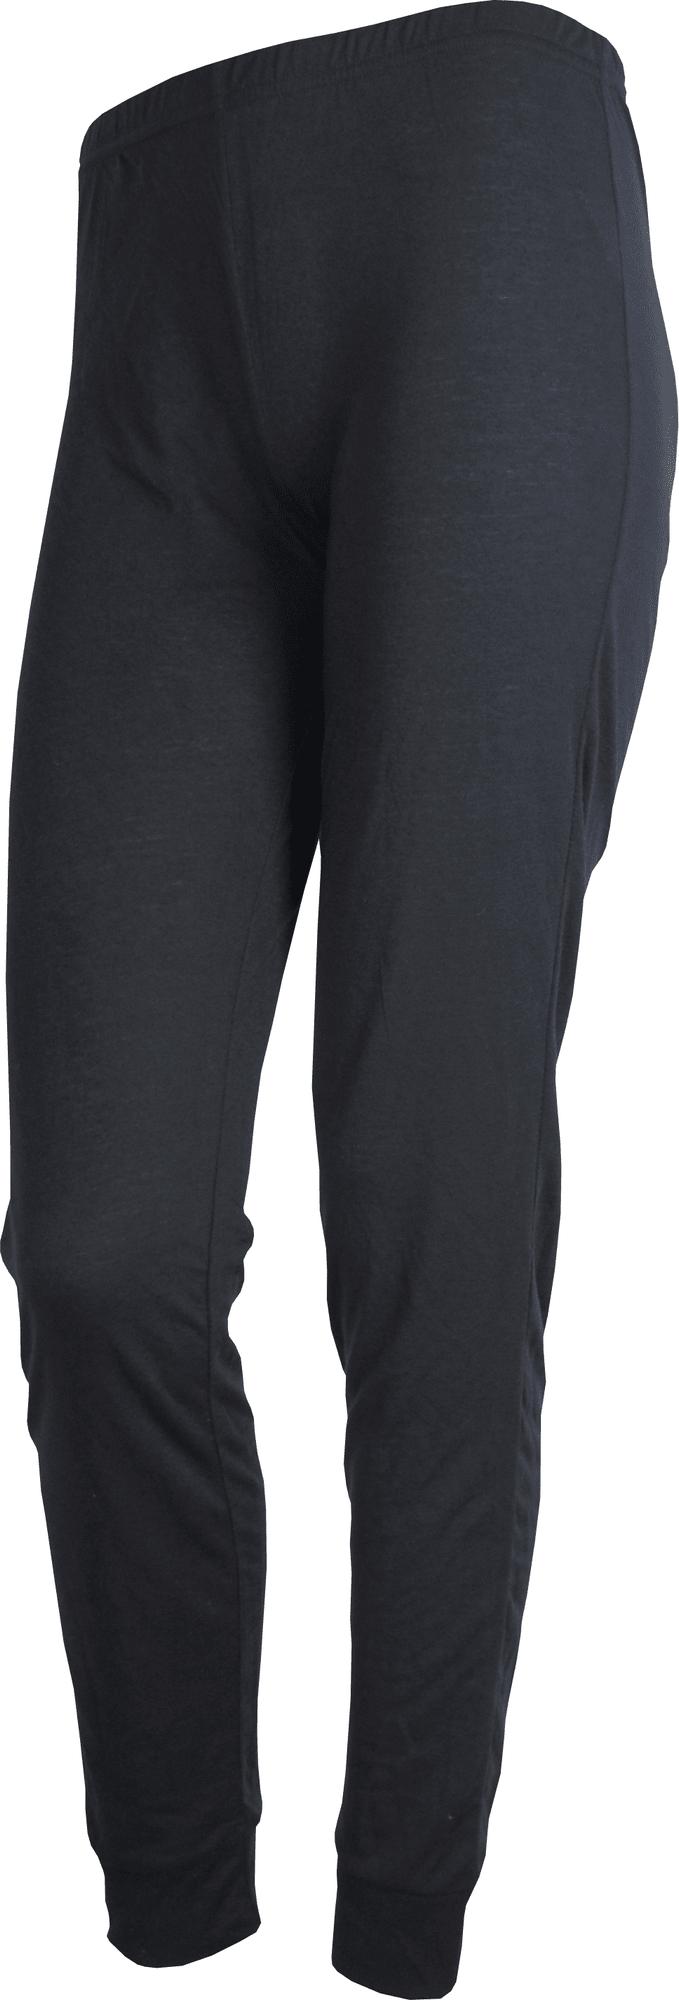 Sensor Active spodnie damskie, M, czarny, BEZPŁATNY ODBIÓR: WARSZAWA, WROCŁAW, KATOWICE, KRAKÓW!